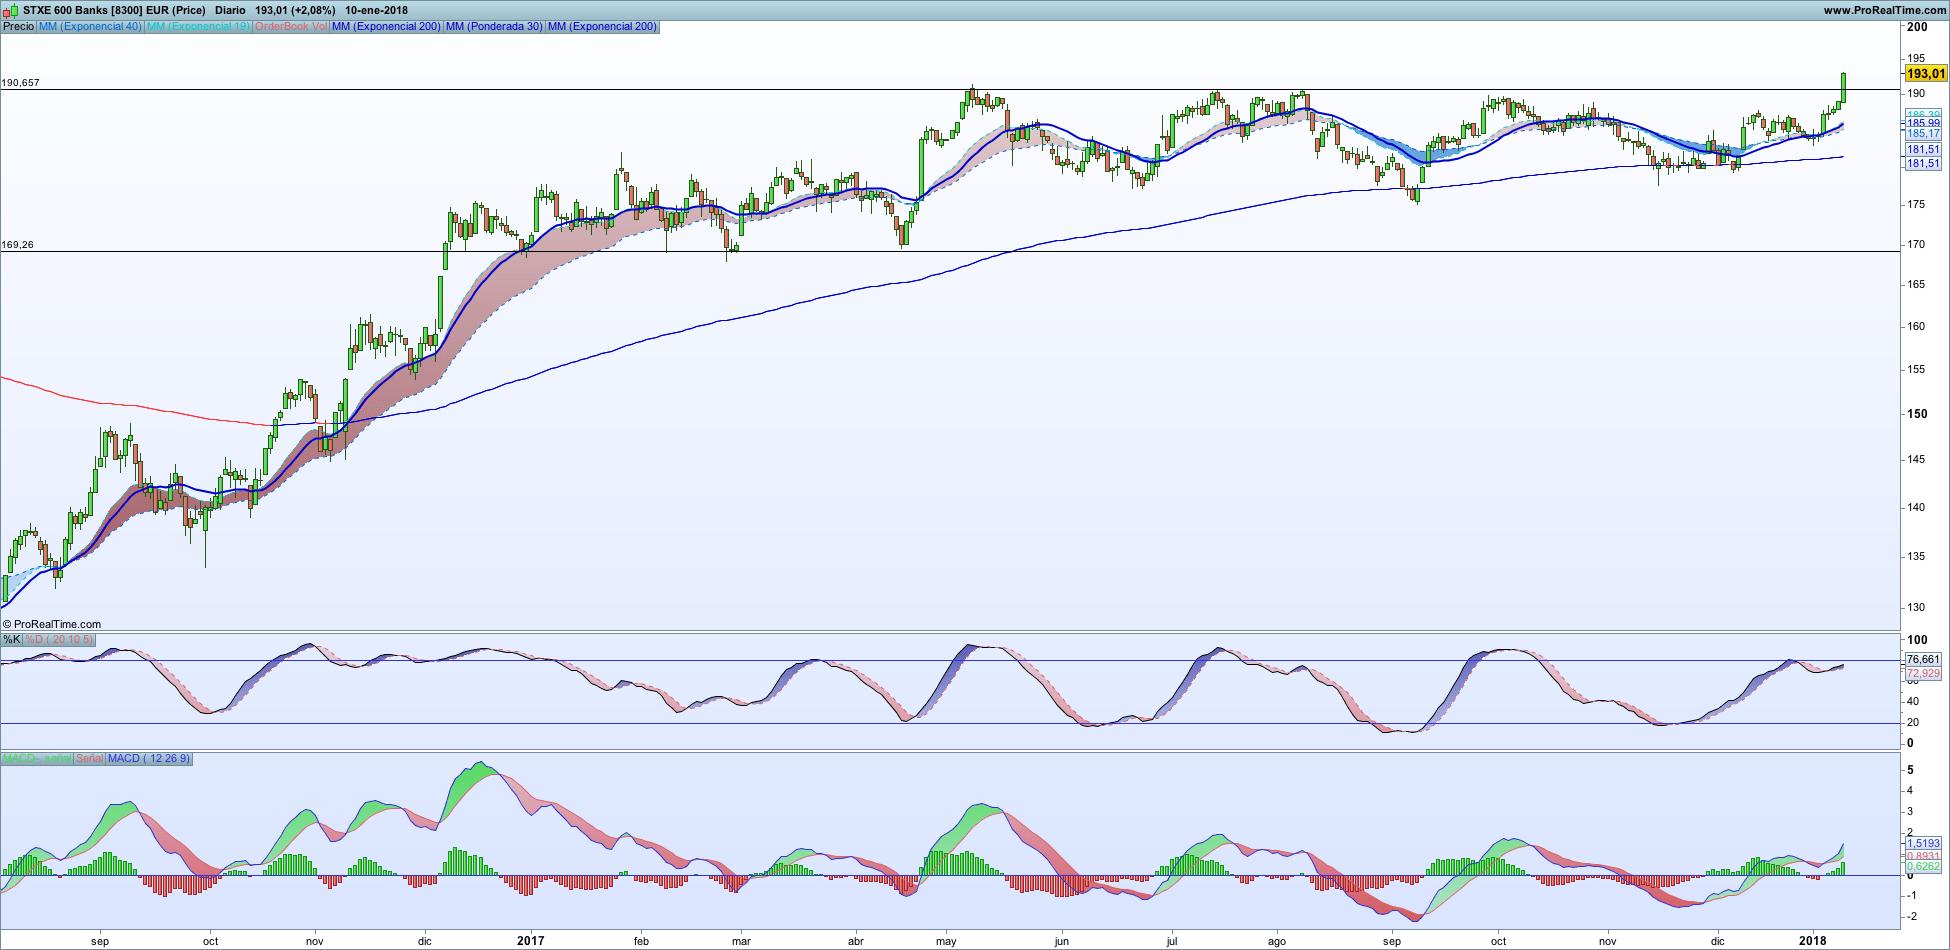 Stoxx 600 Banks diario